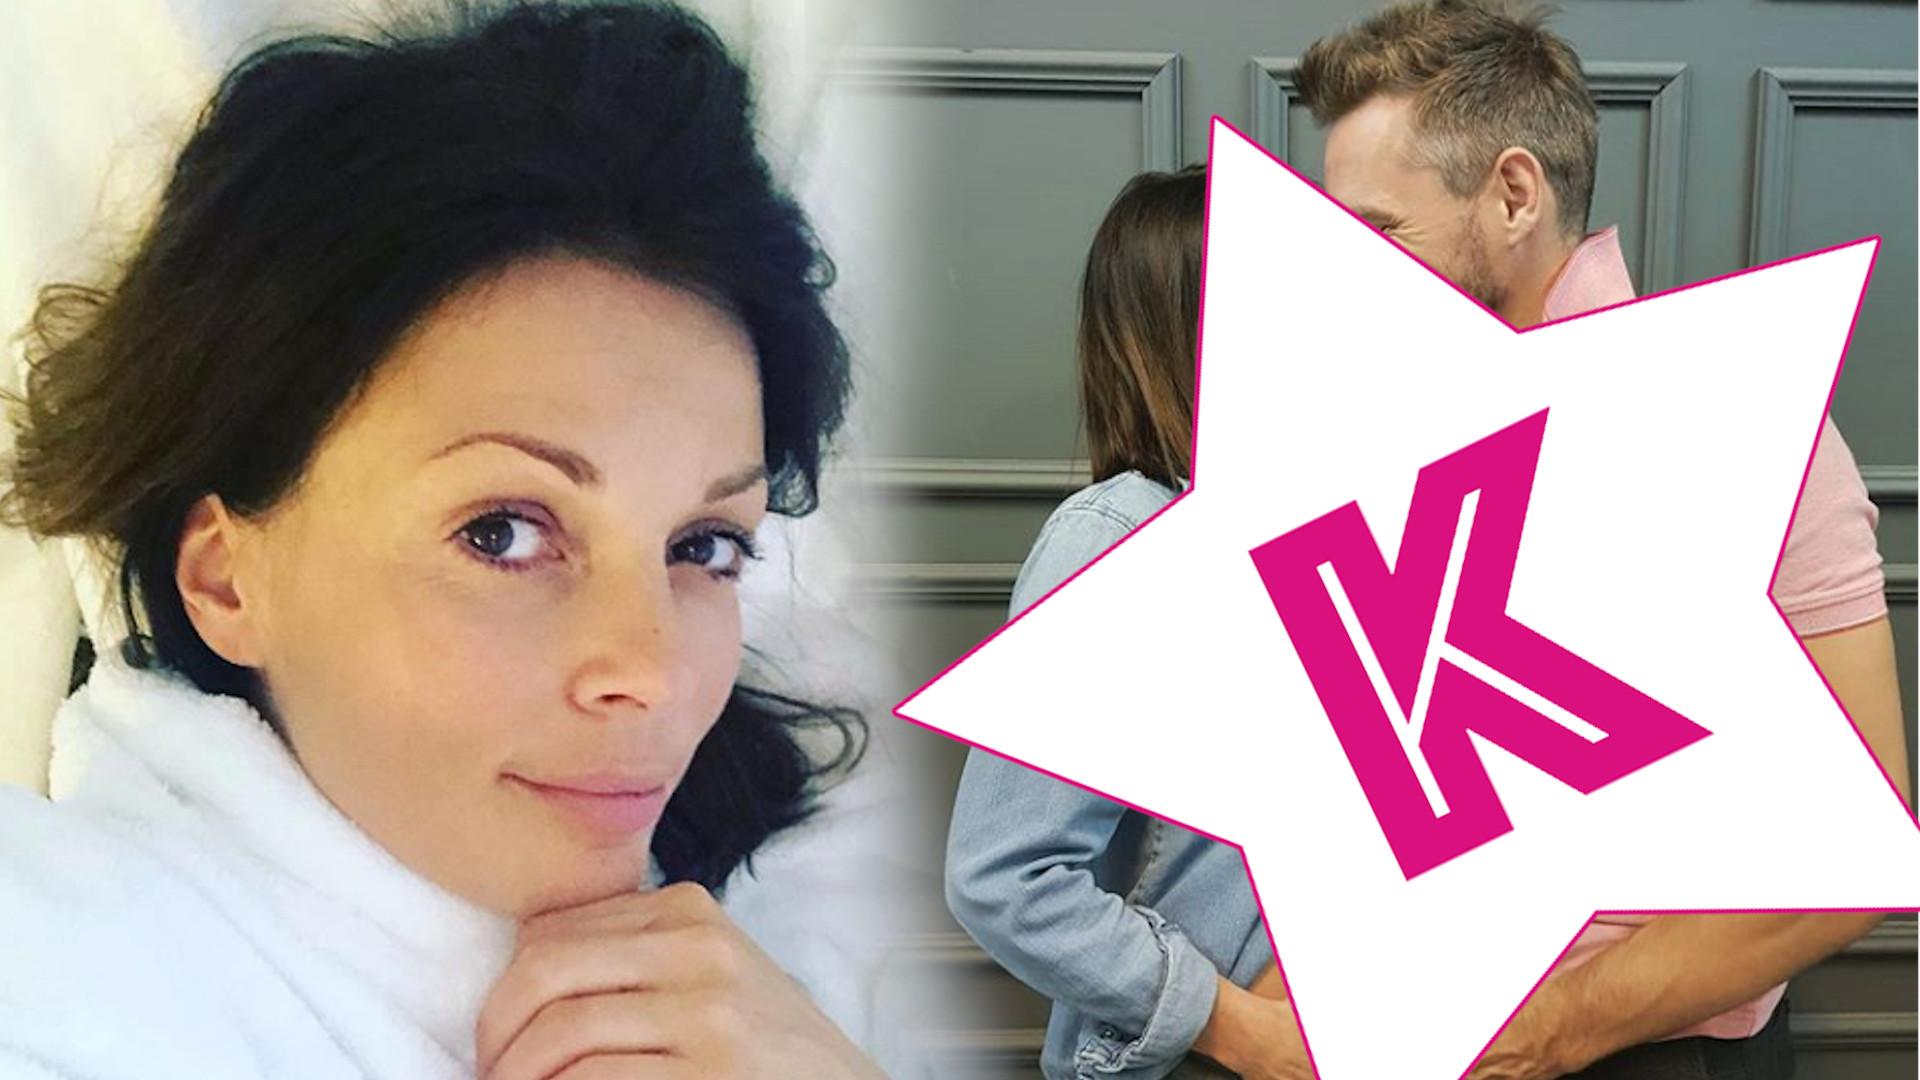 WOW! Partner Katarzyny Glinki pokazał nagi brzuszek aktorki